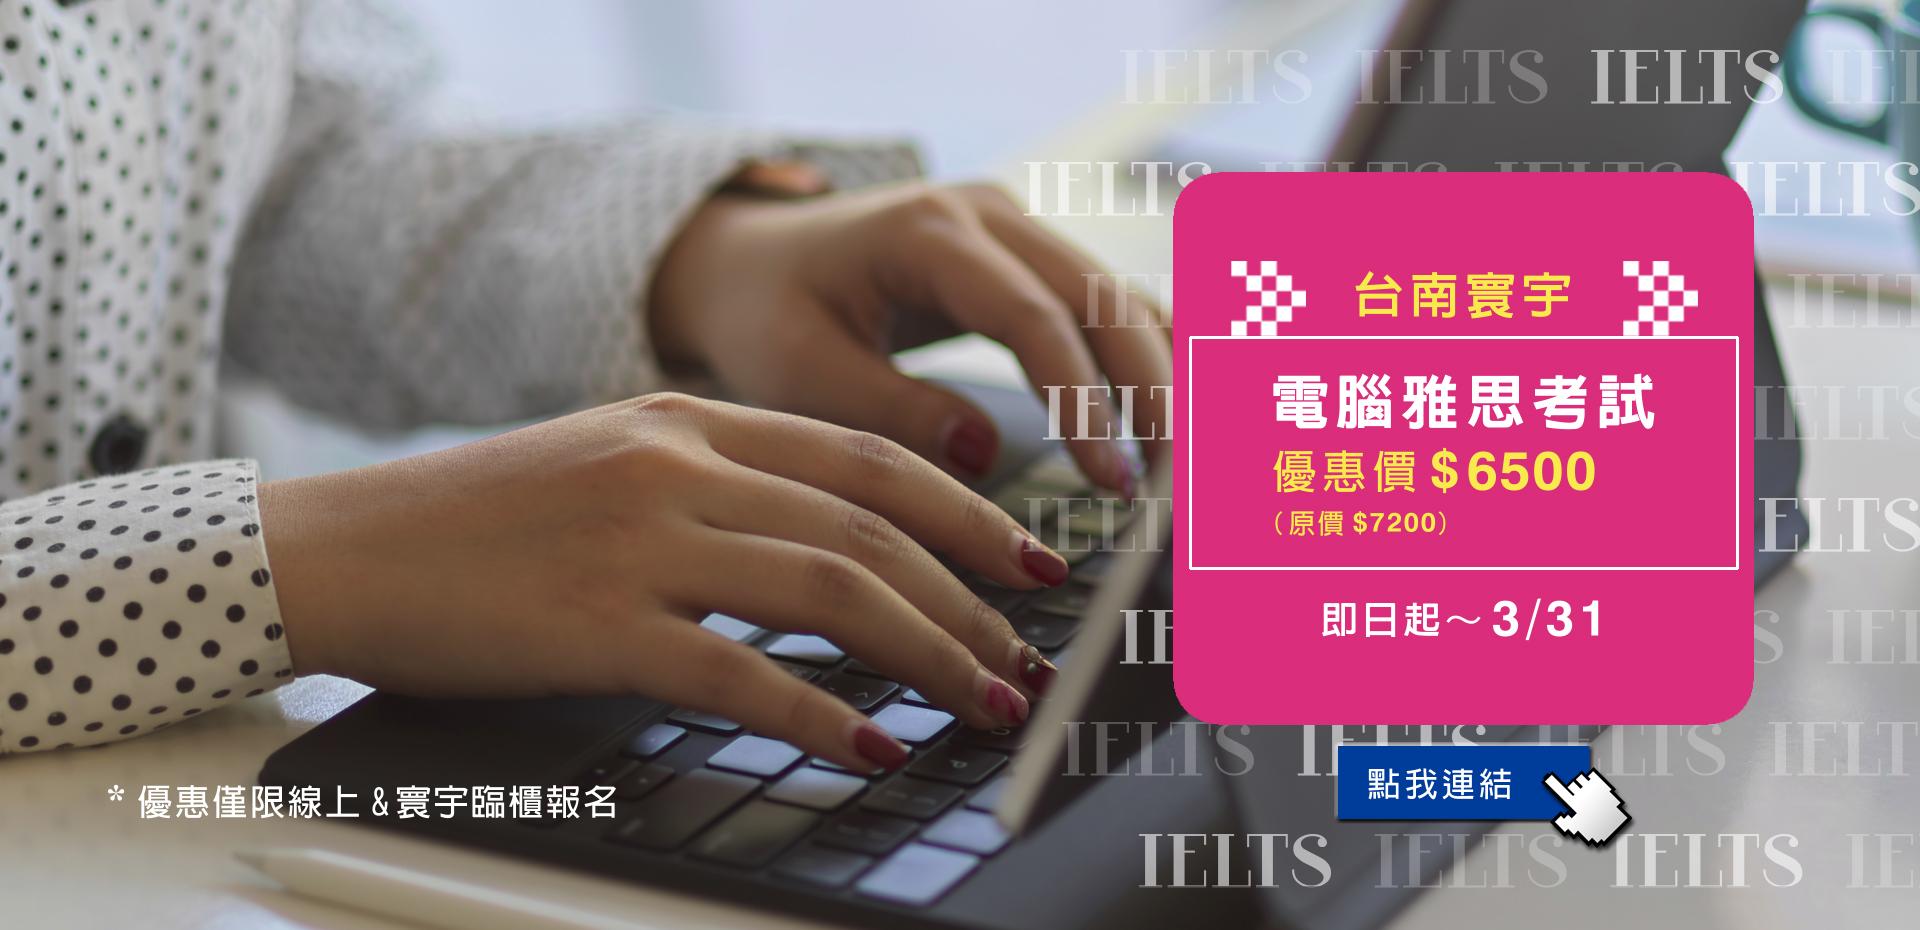 台南雅思電腦考試